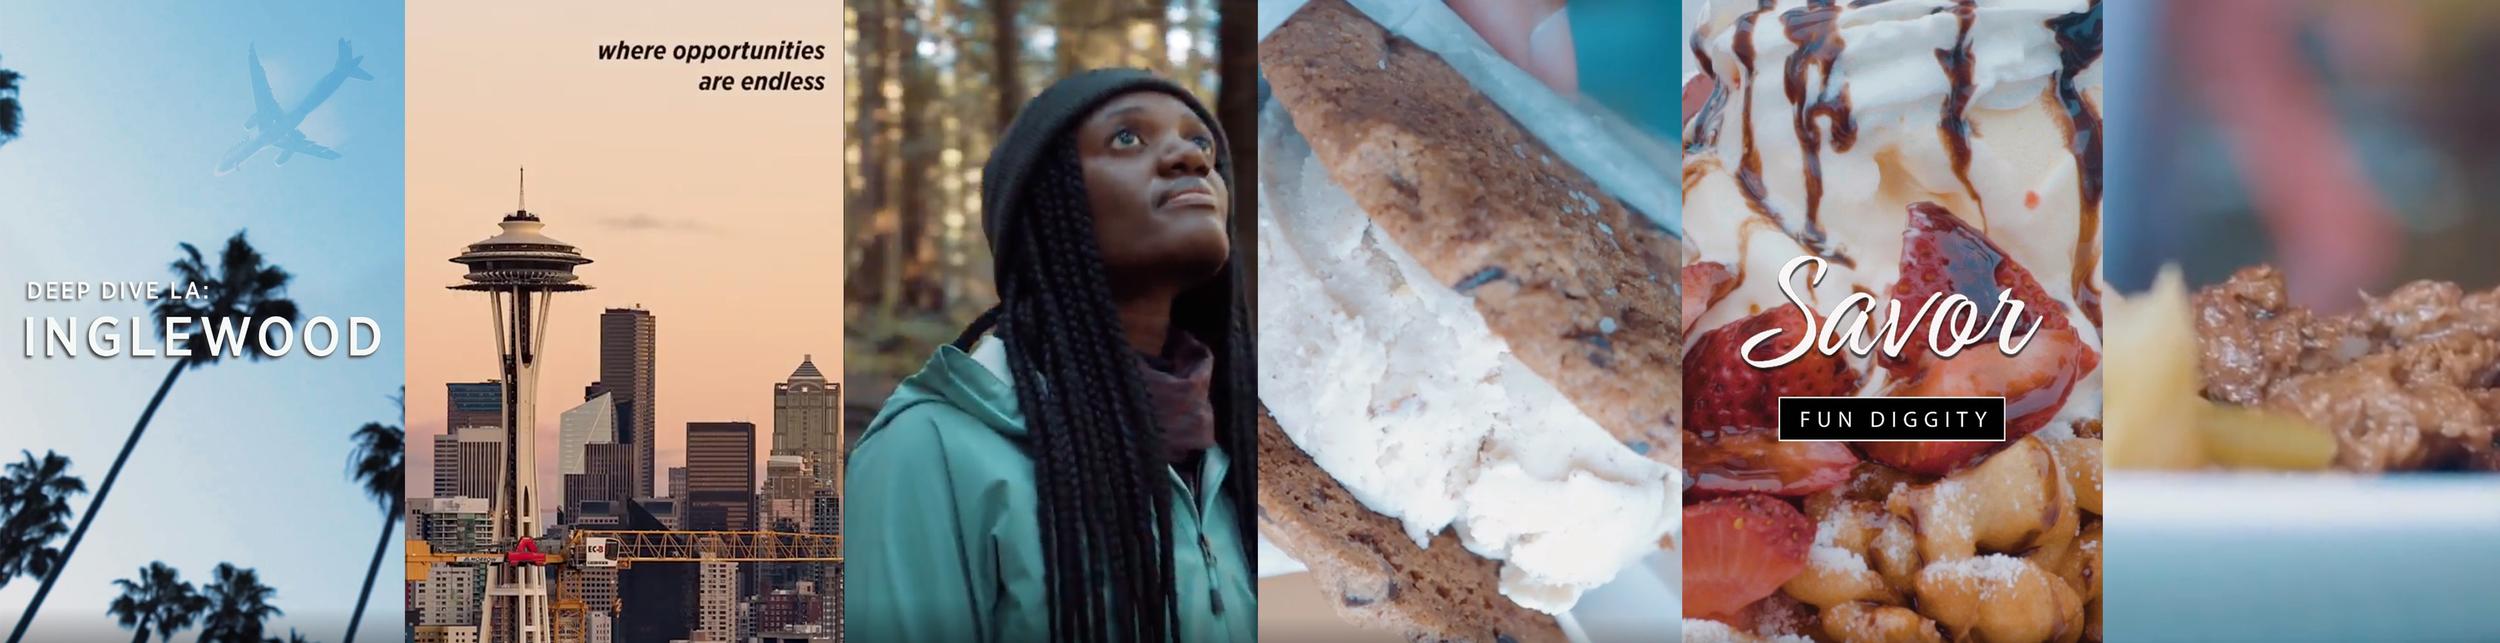 SOCIAL VIDEOS - Branded Videos